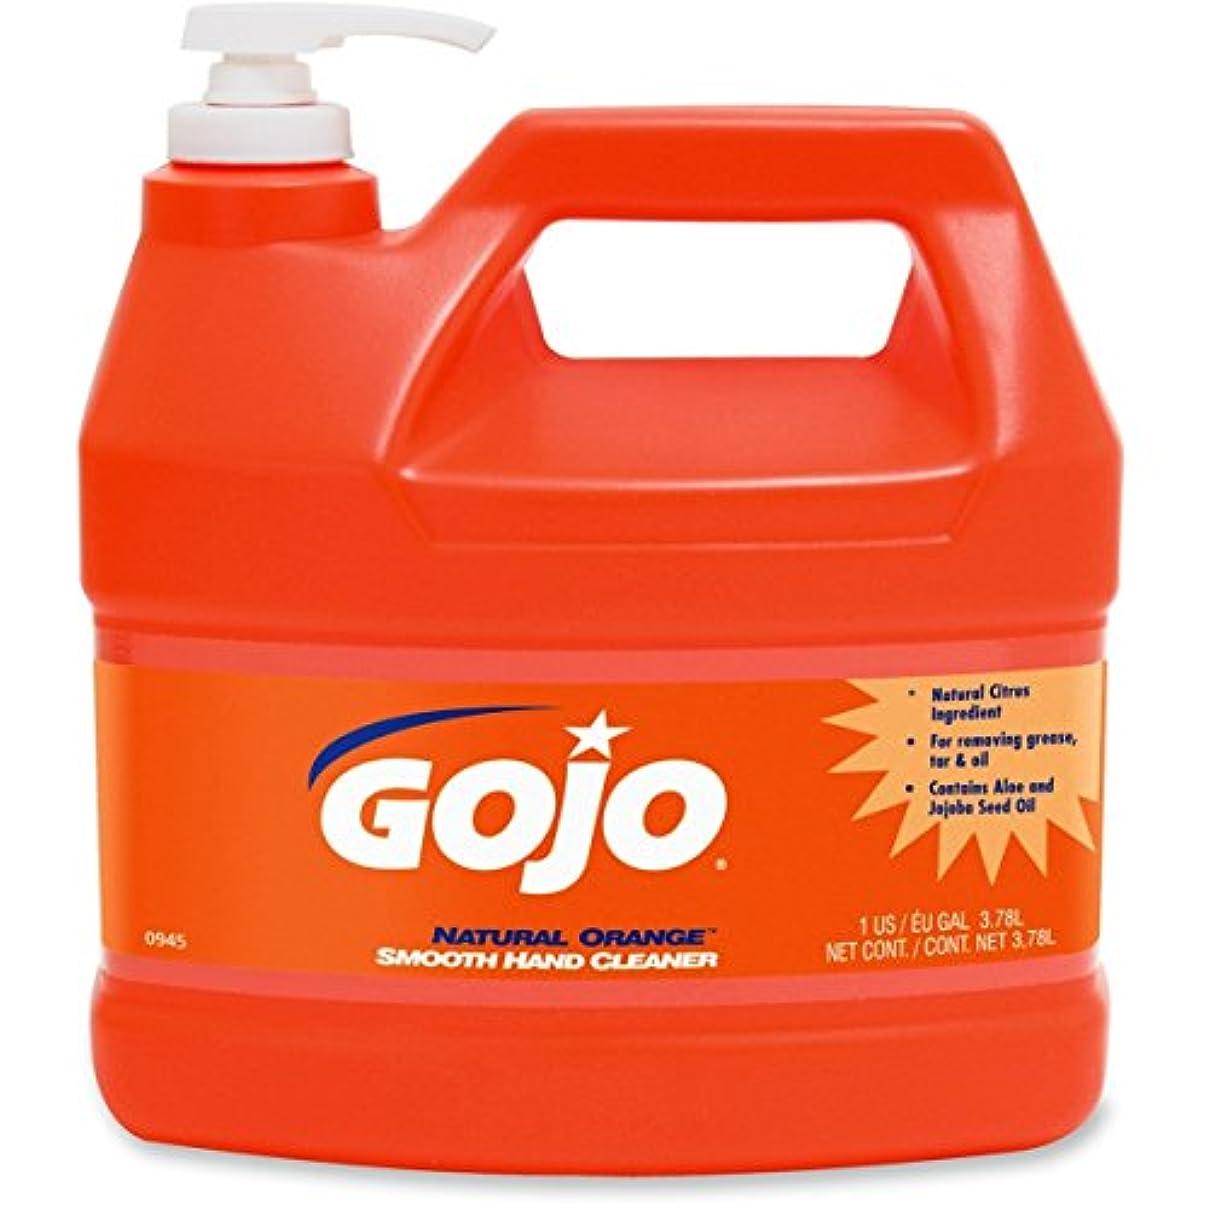 コーナー関連付ける武装解除goj094504 – GOJOナチュラルオレンジSmooth heavy-duty Hand Cleaner